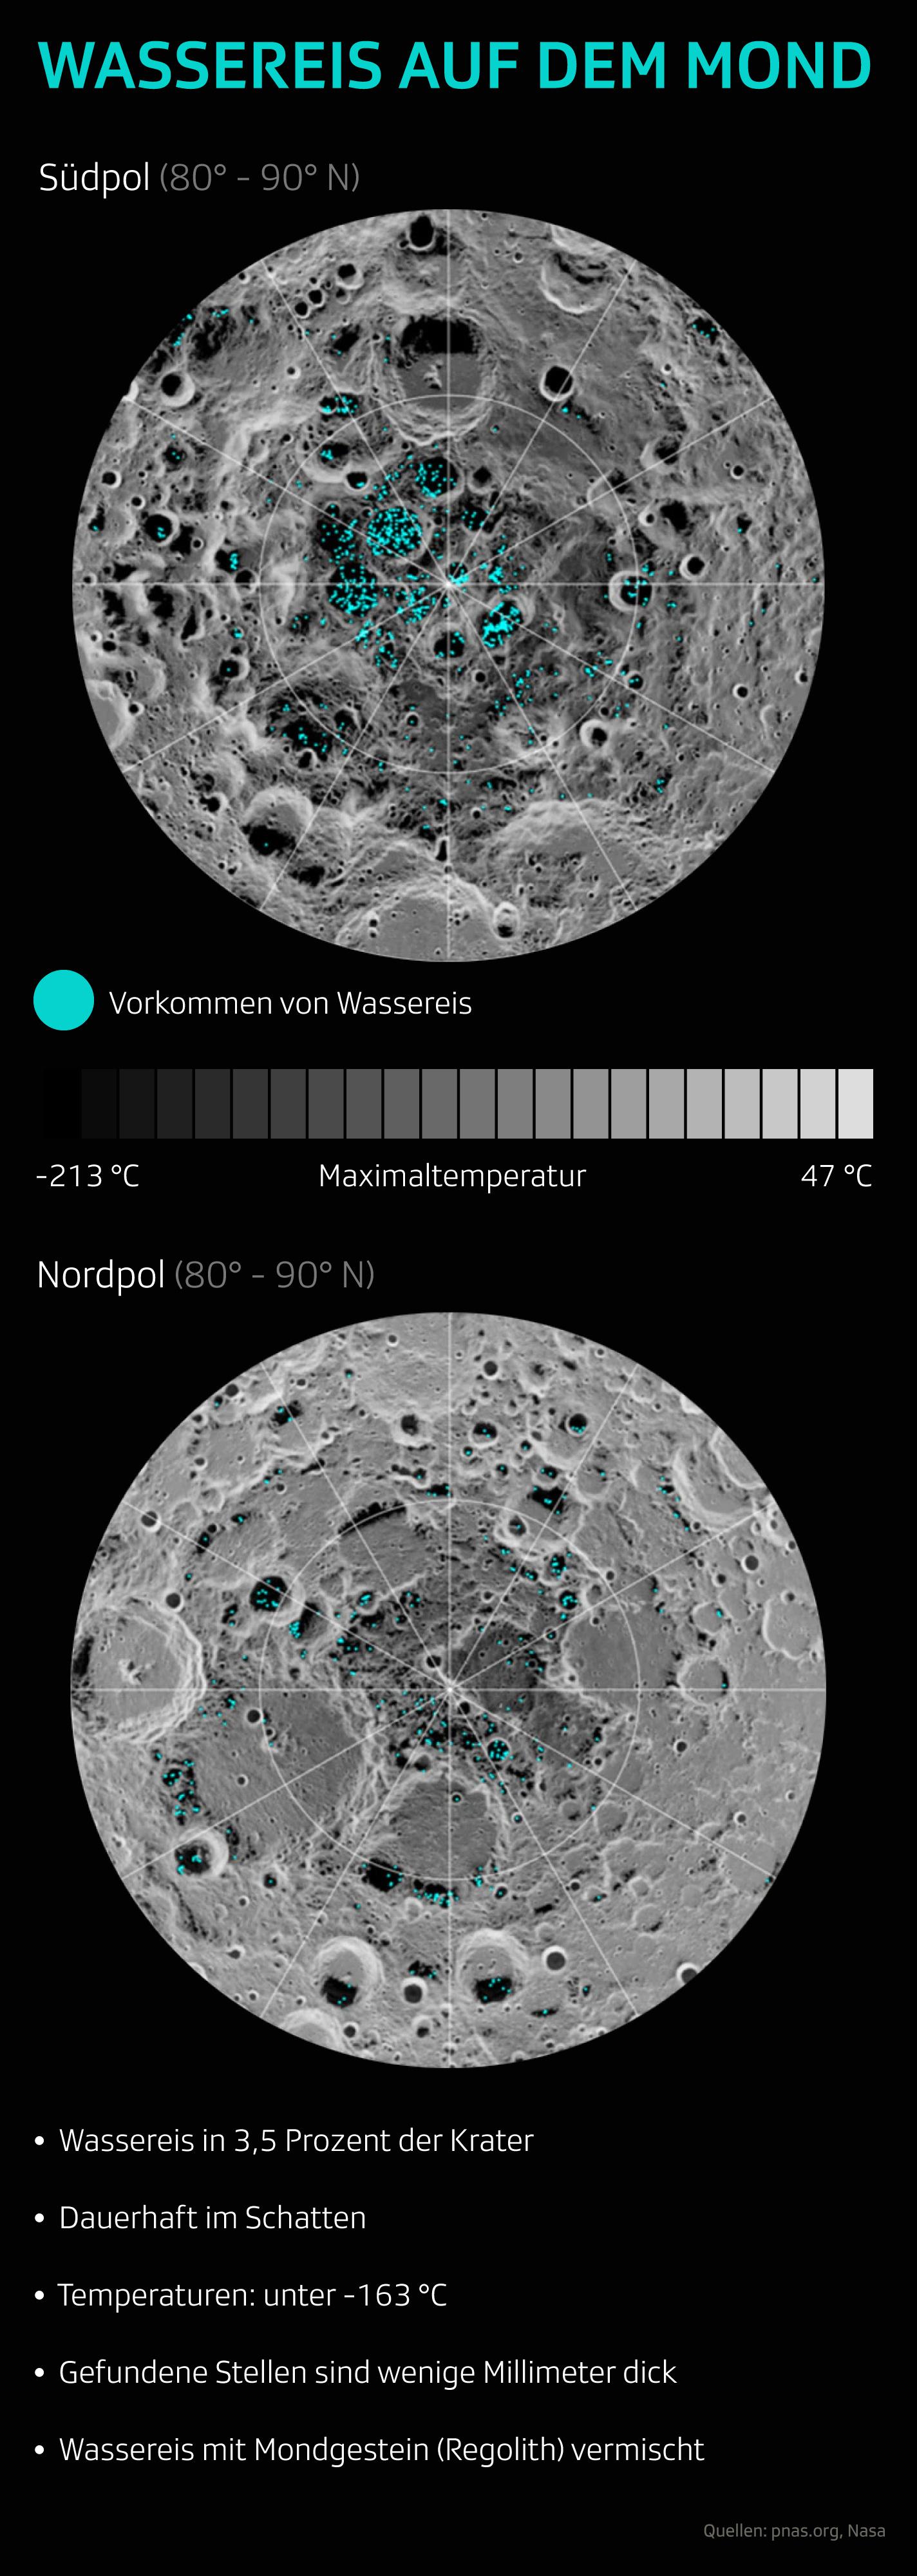 Infografik: Wassereis auf dem Mond